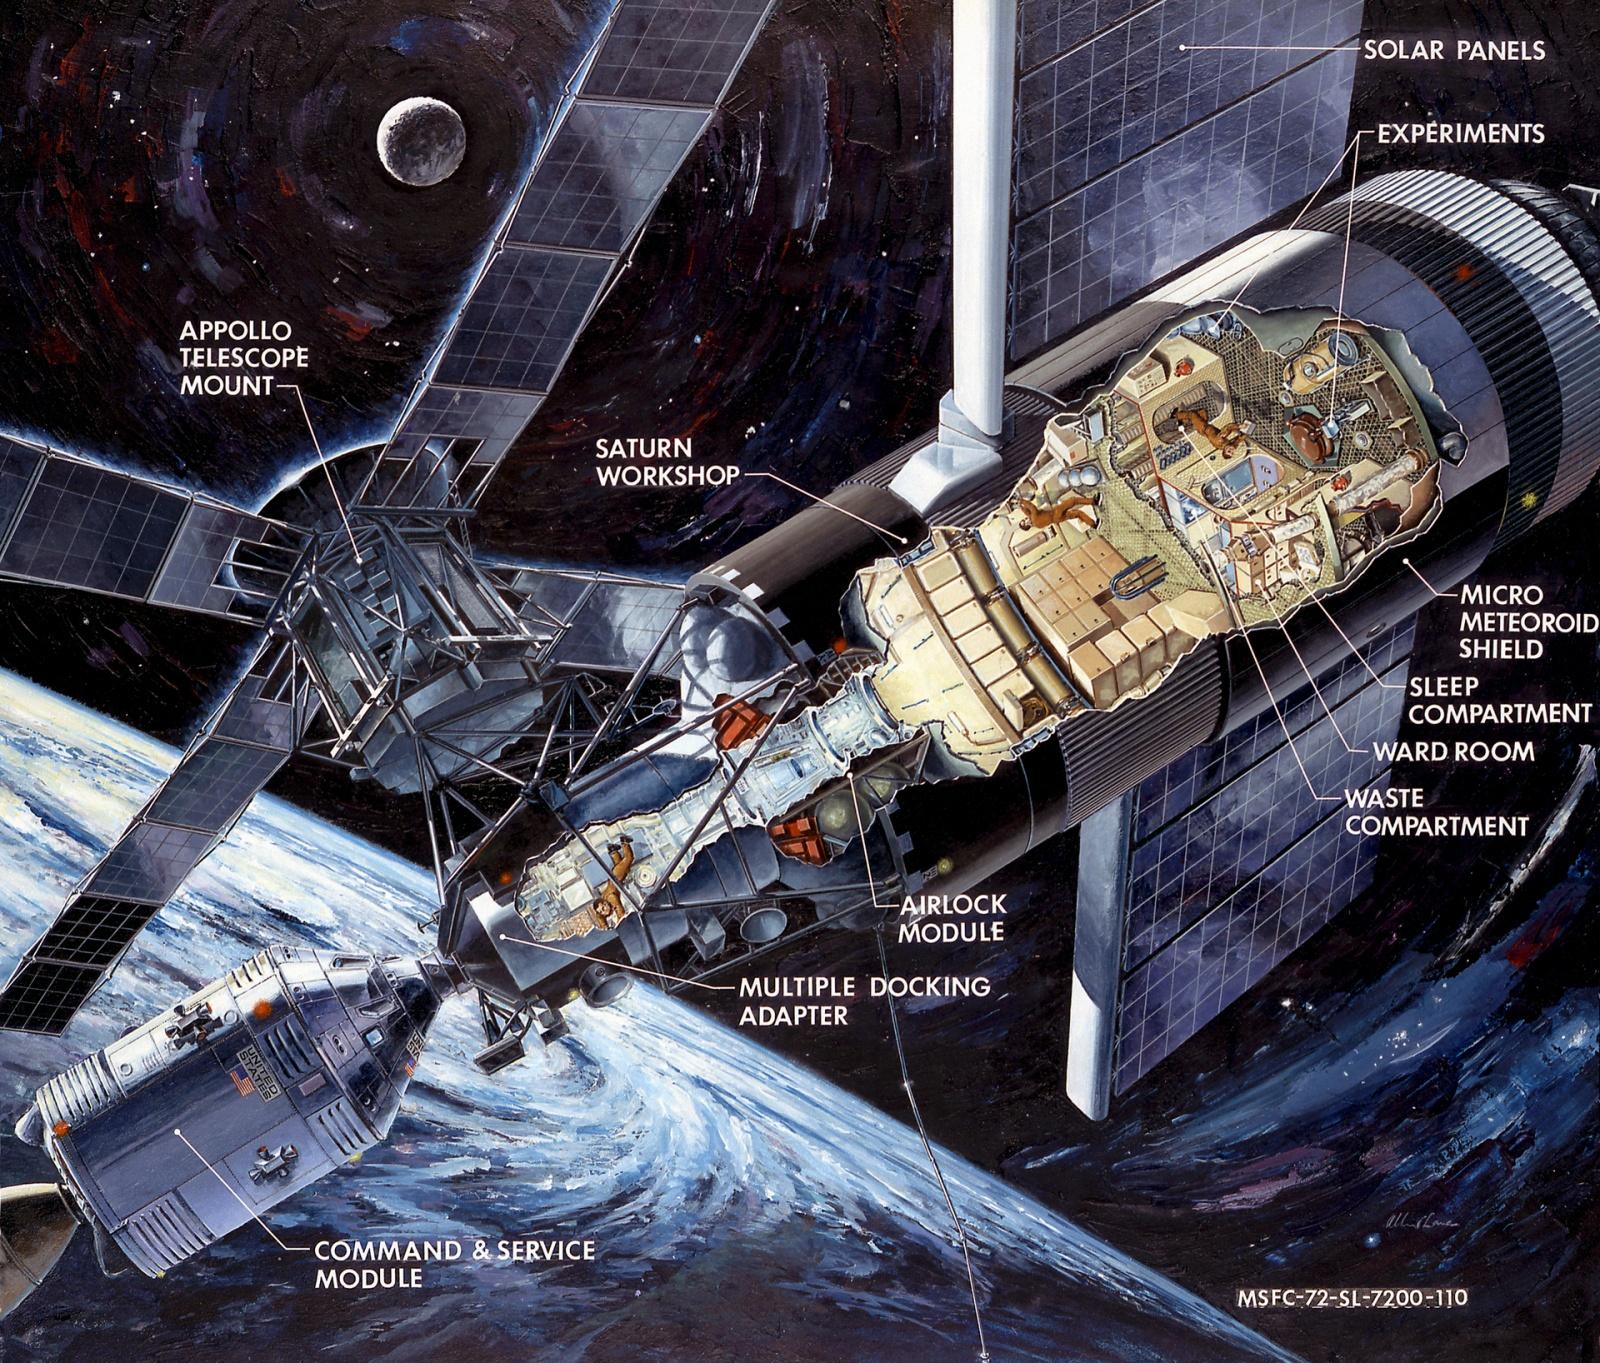 НАСА и история непостоянства задач агентства - 4